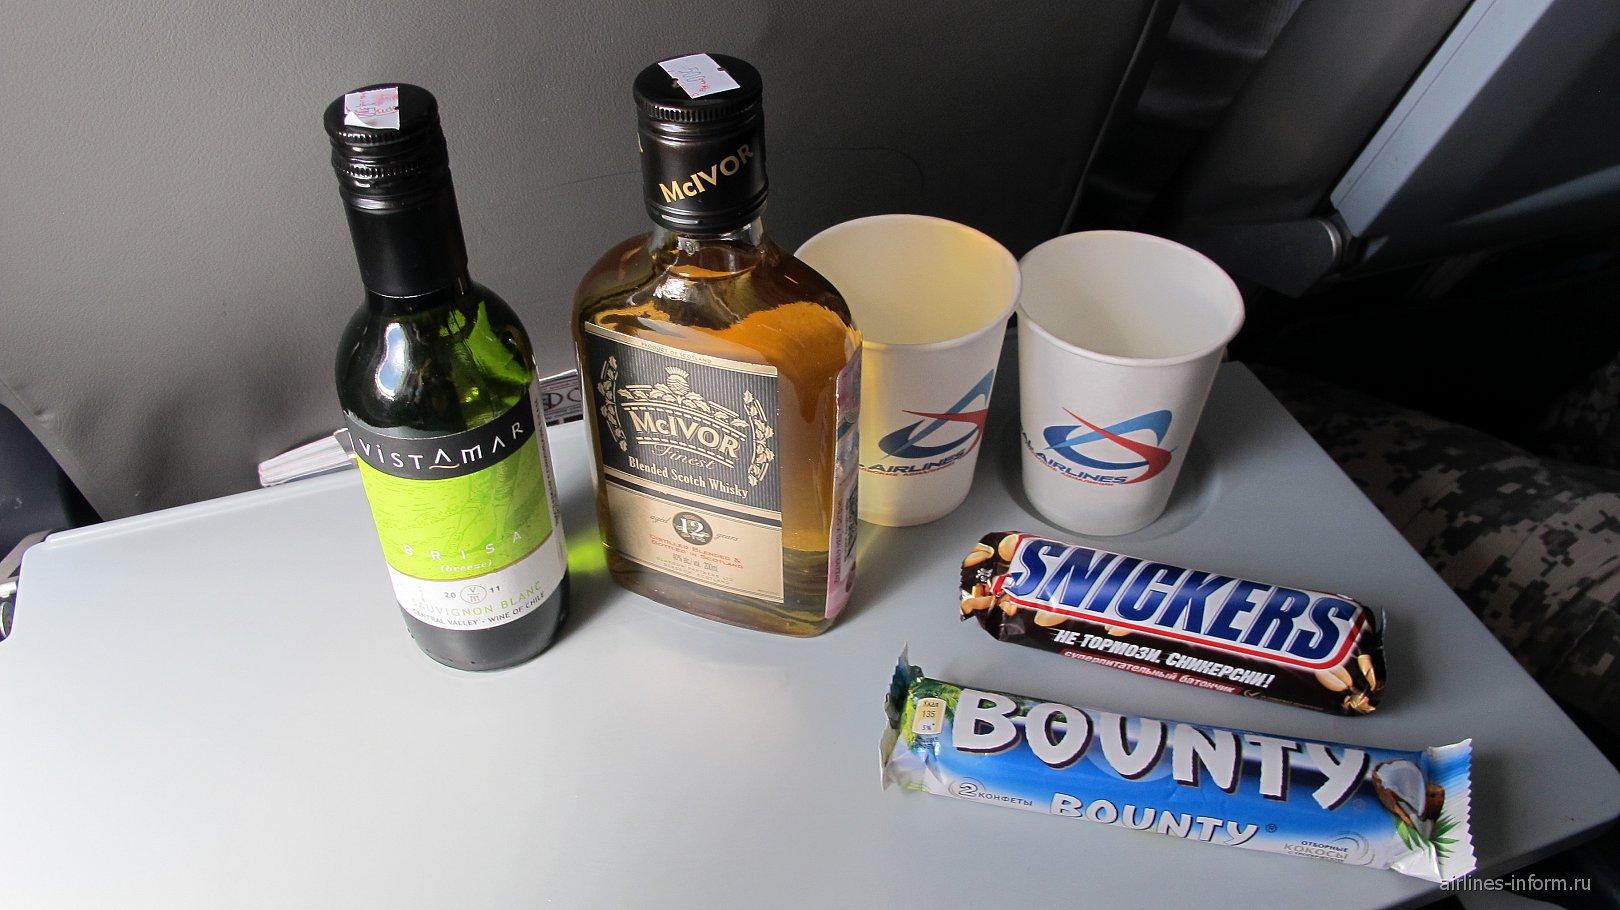 Питание на рейсе Уральских авиалиний Владивосток-Красноярск